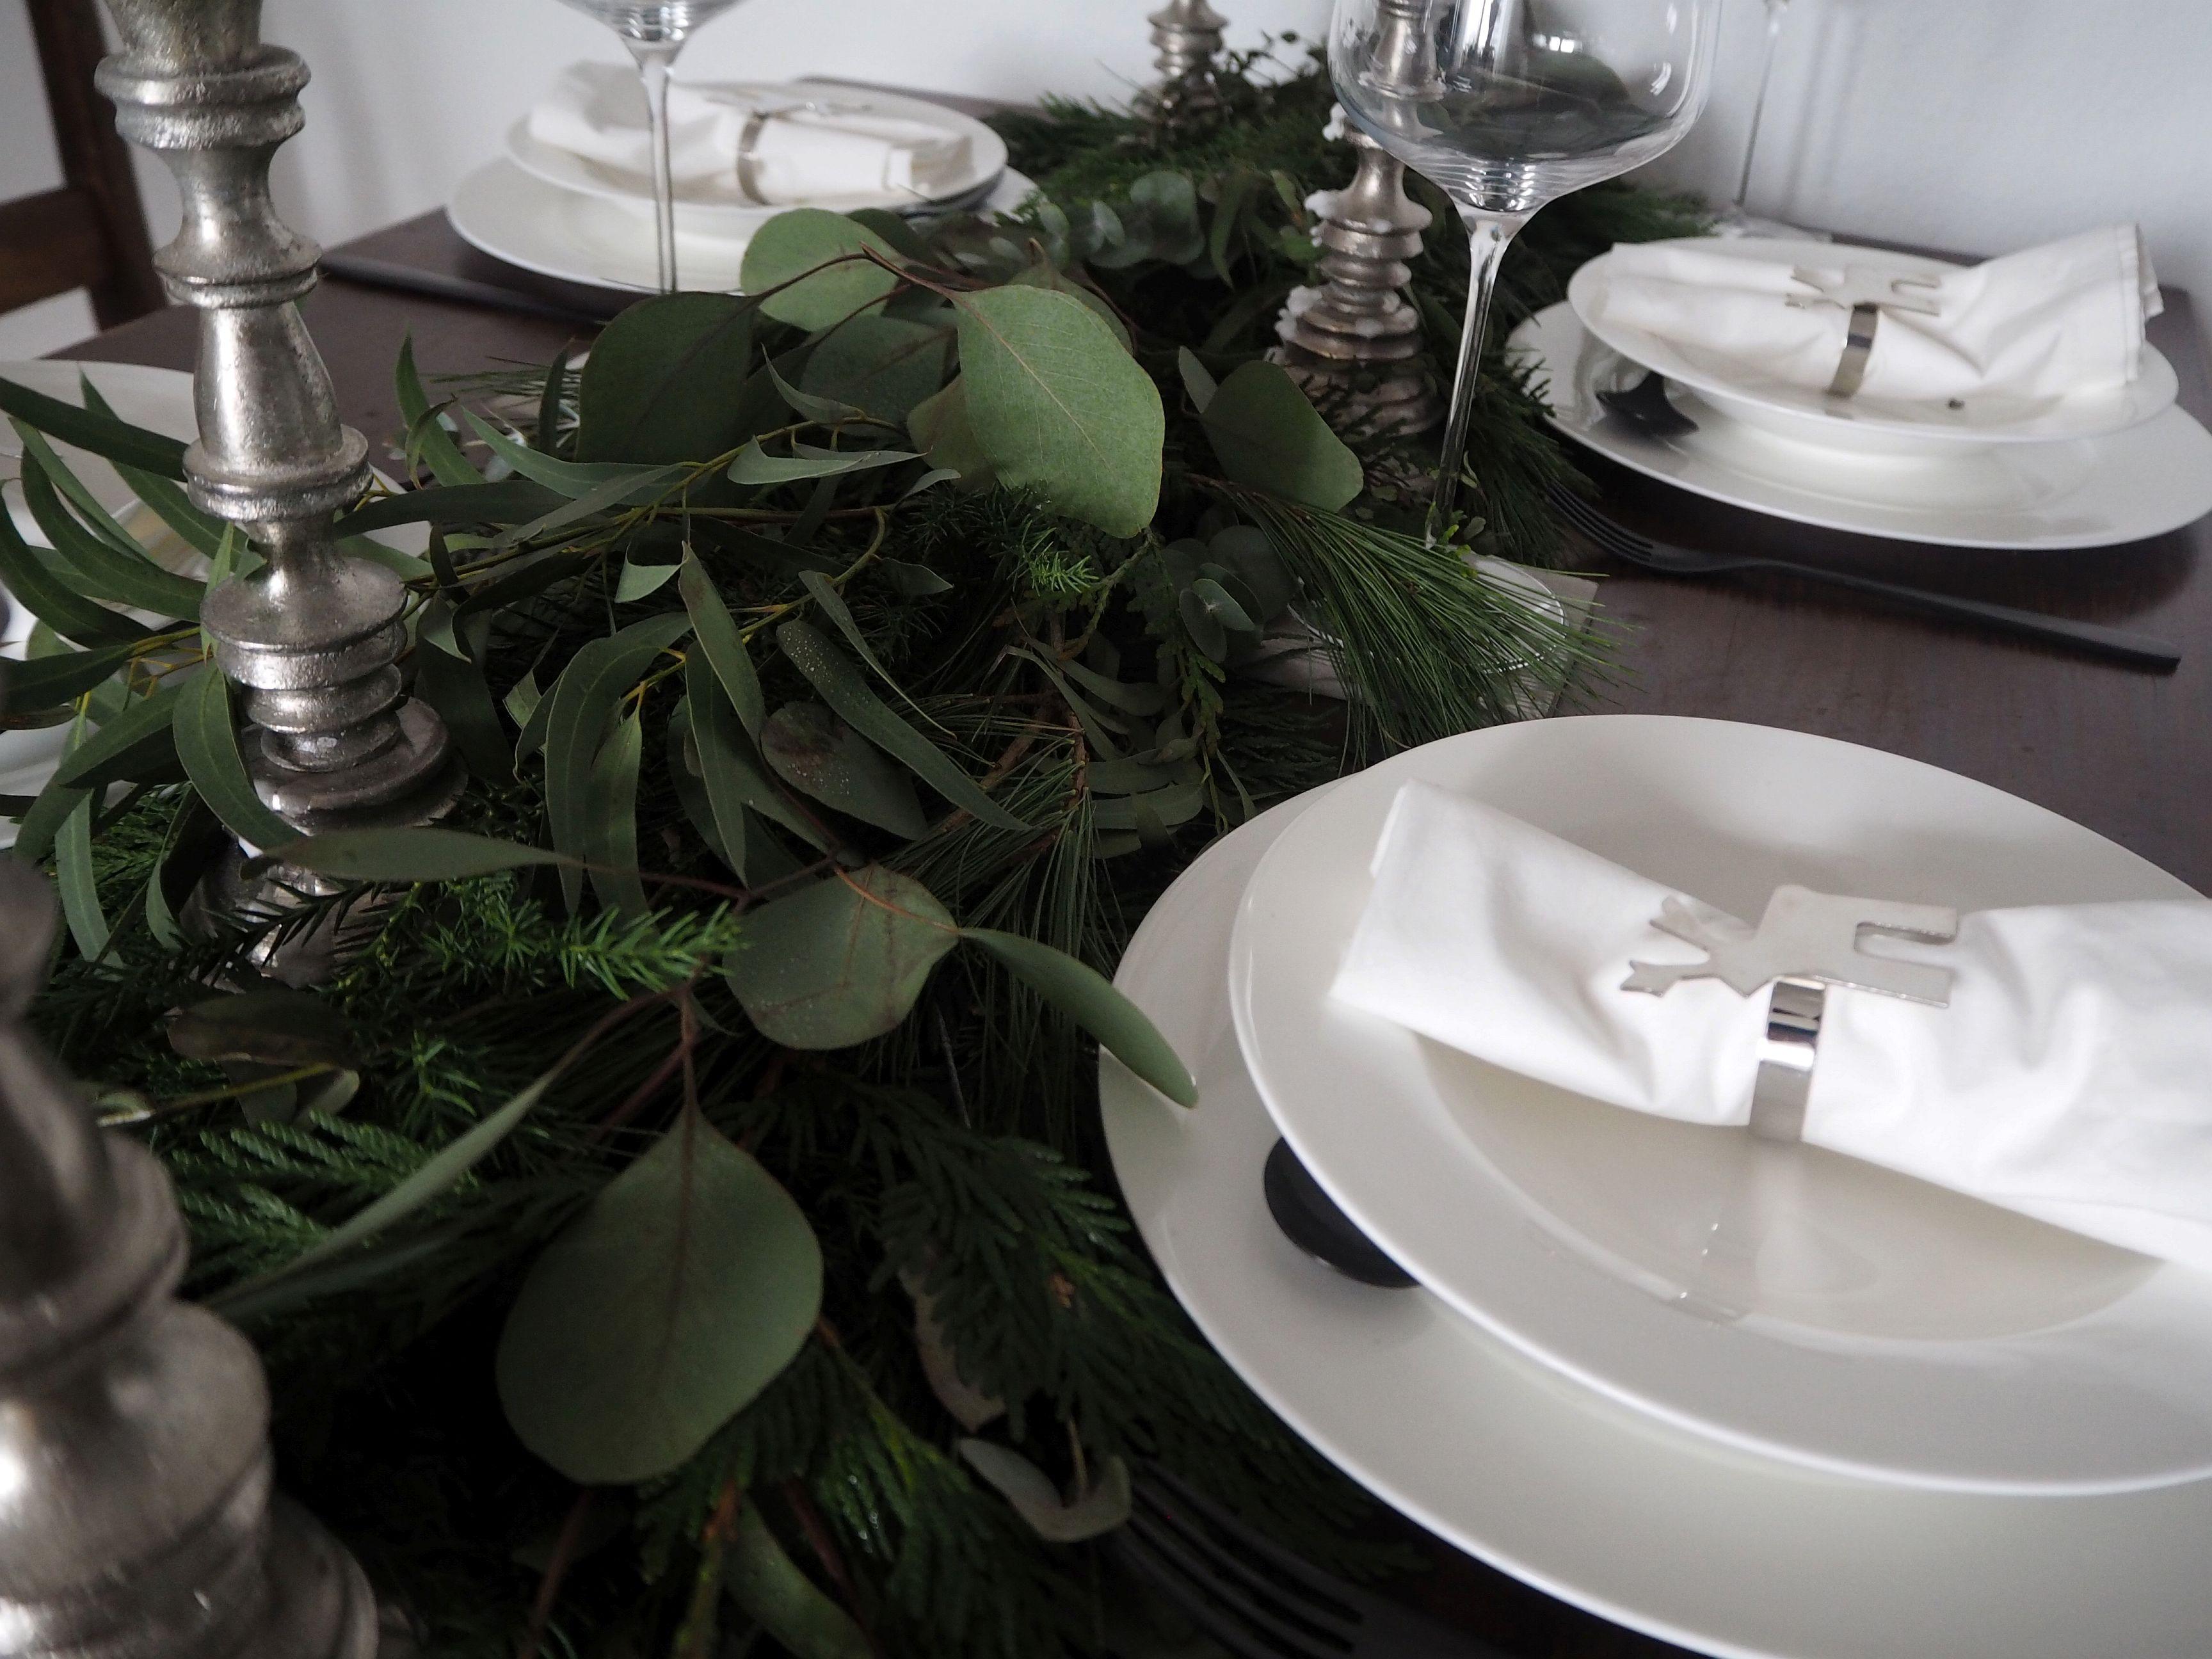 2017-12-skoen-och-kreativ-tischdeko-interior-schlichtes-skandinavisches-tablesetting-weihnachten (3 (13)